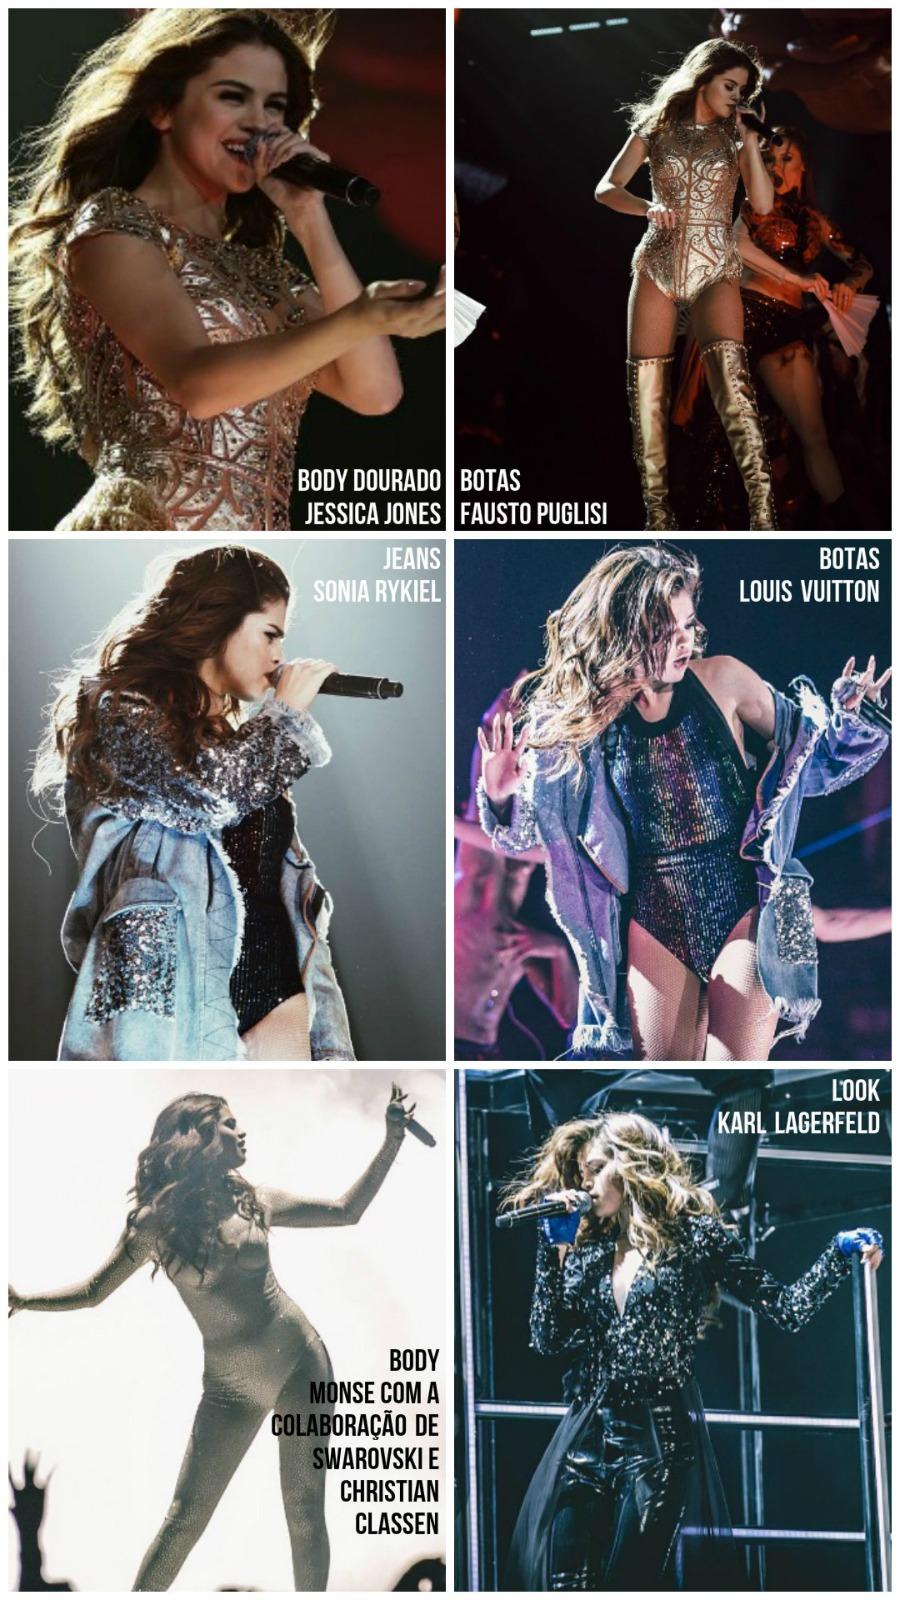 selena gomez tour brasil revival tour REVIVAL TOUR EM LOOKS